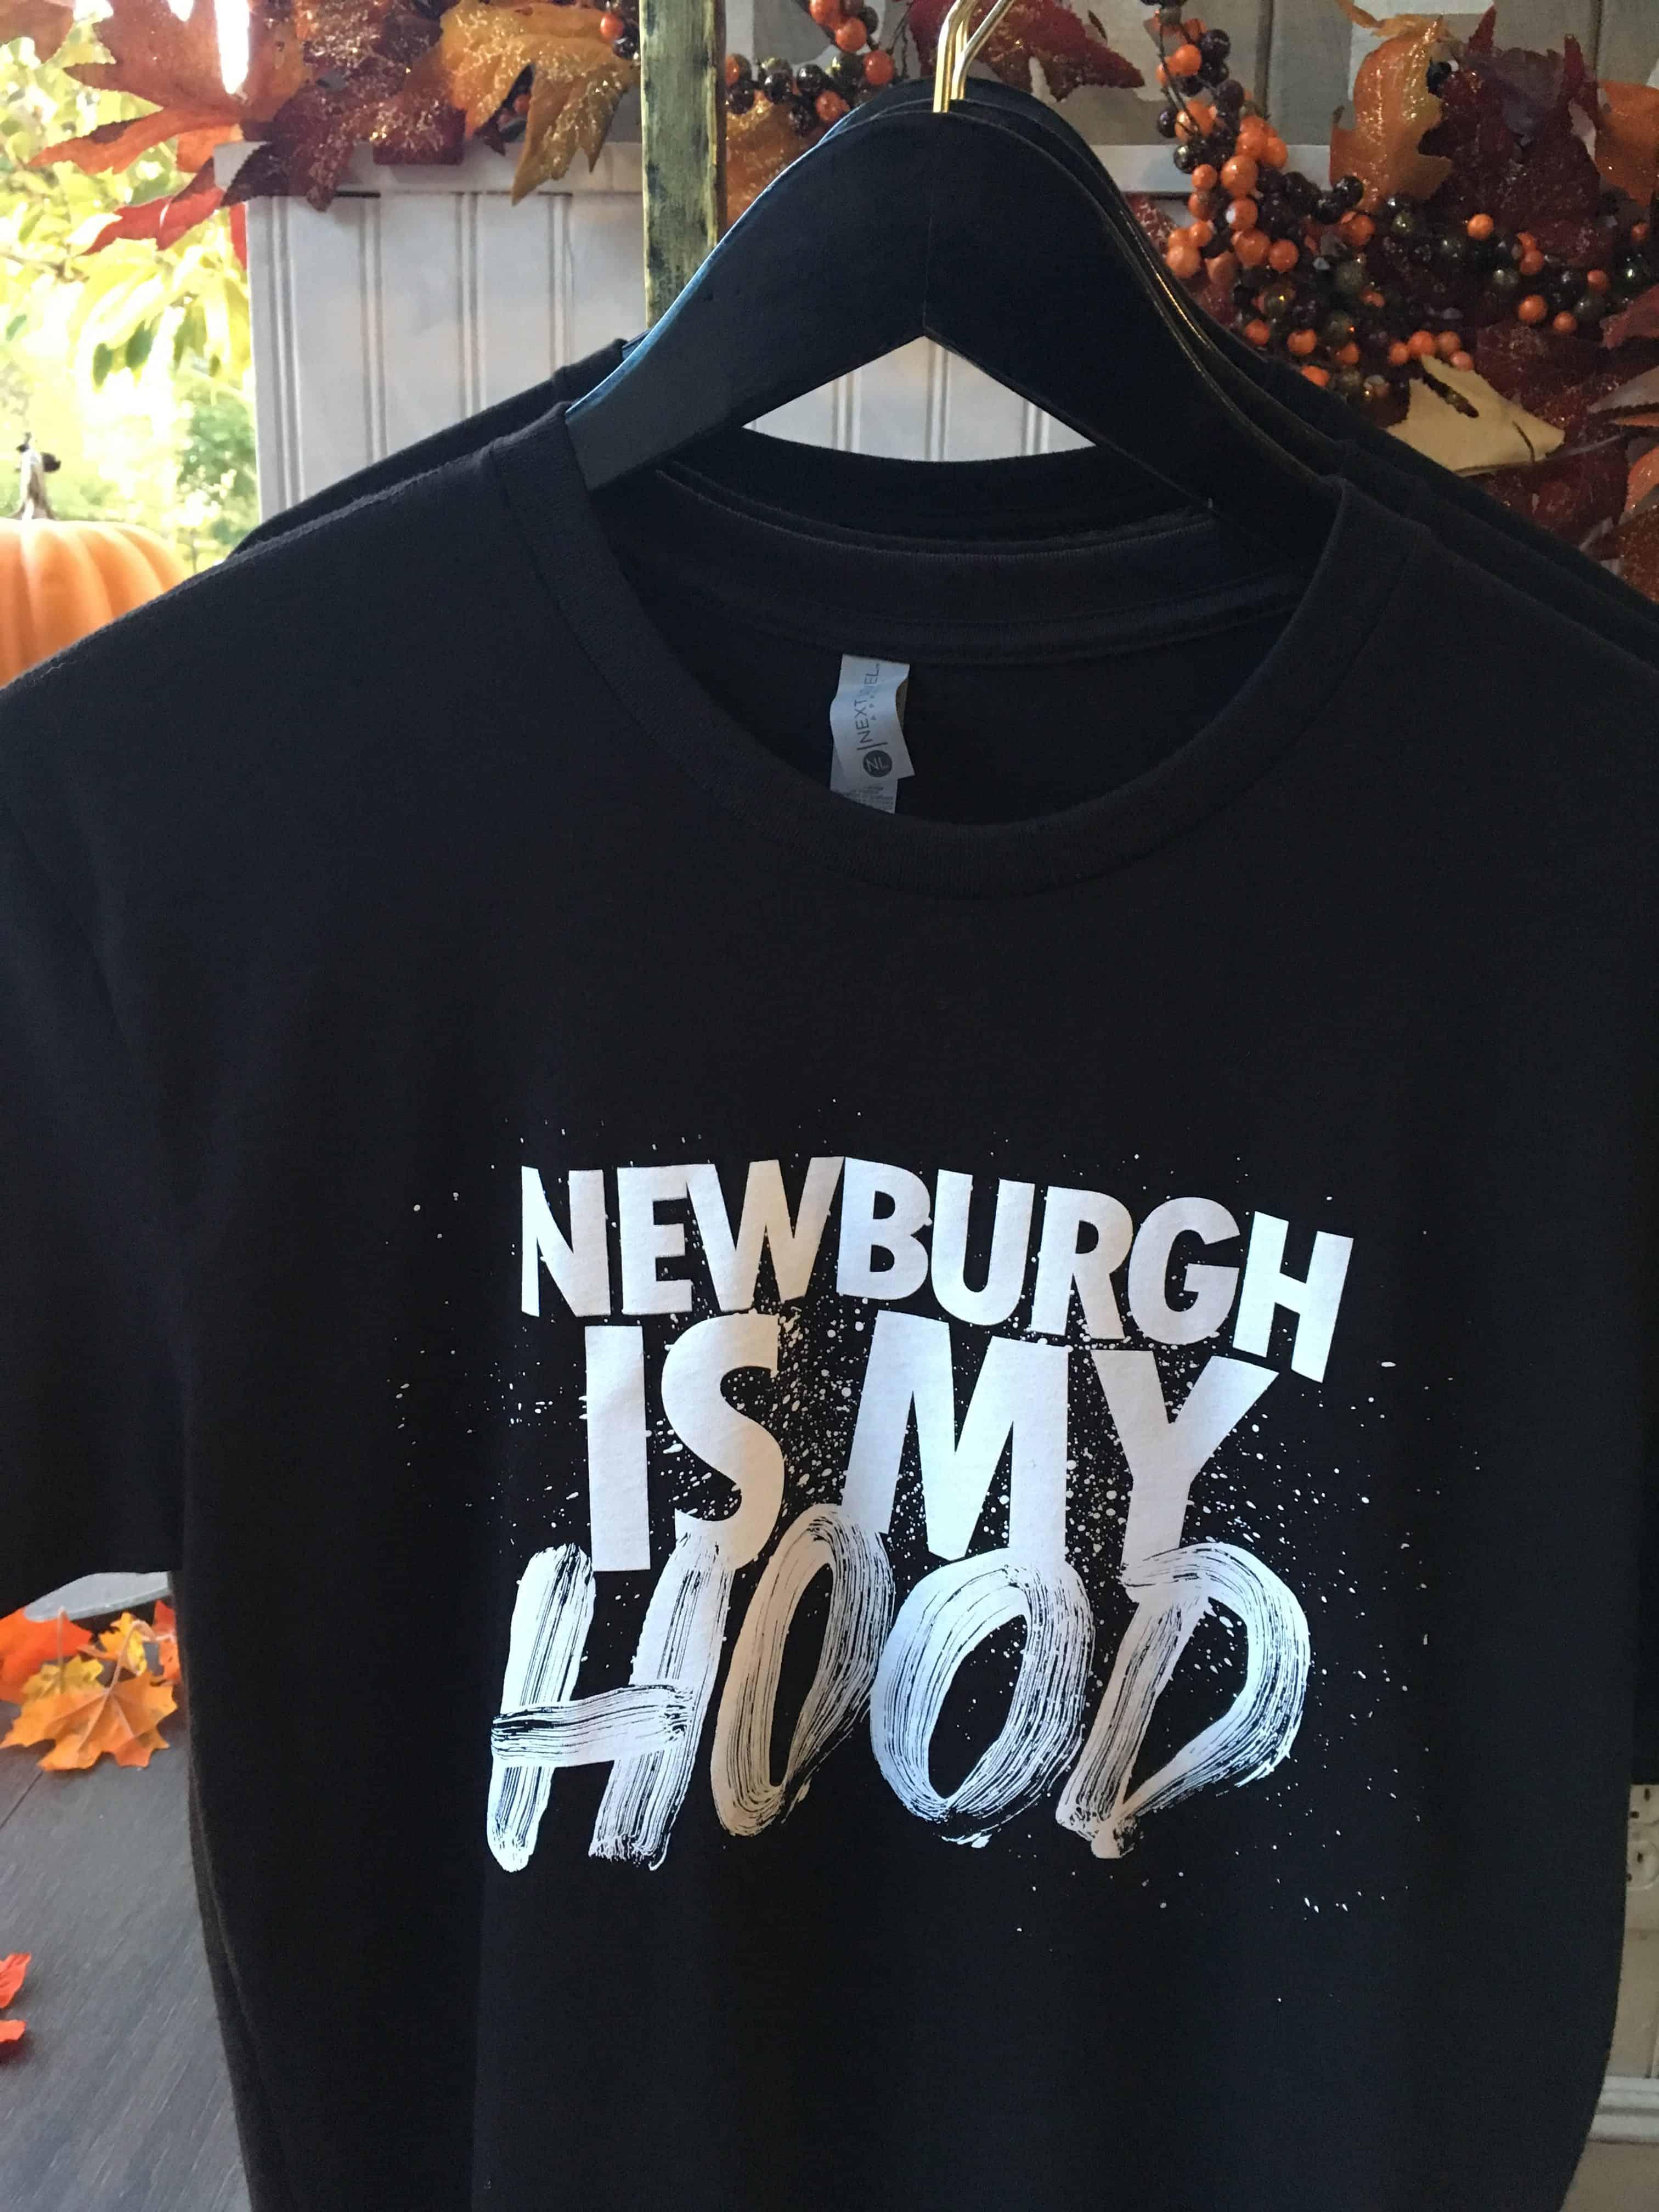 Newburgh is my hood T-shirt printed by Newburgh's Newburgh's Color Cube A Premium T-Shirt Printer